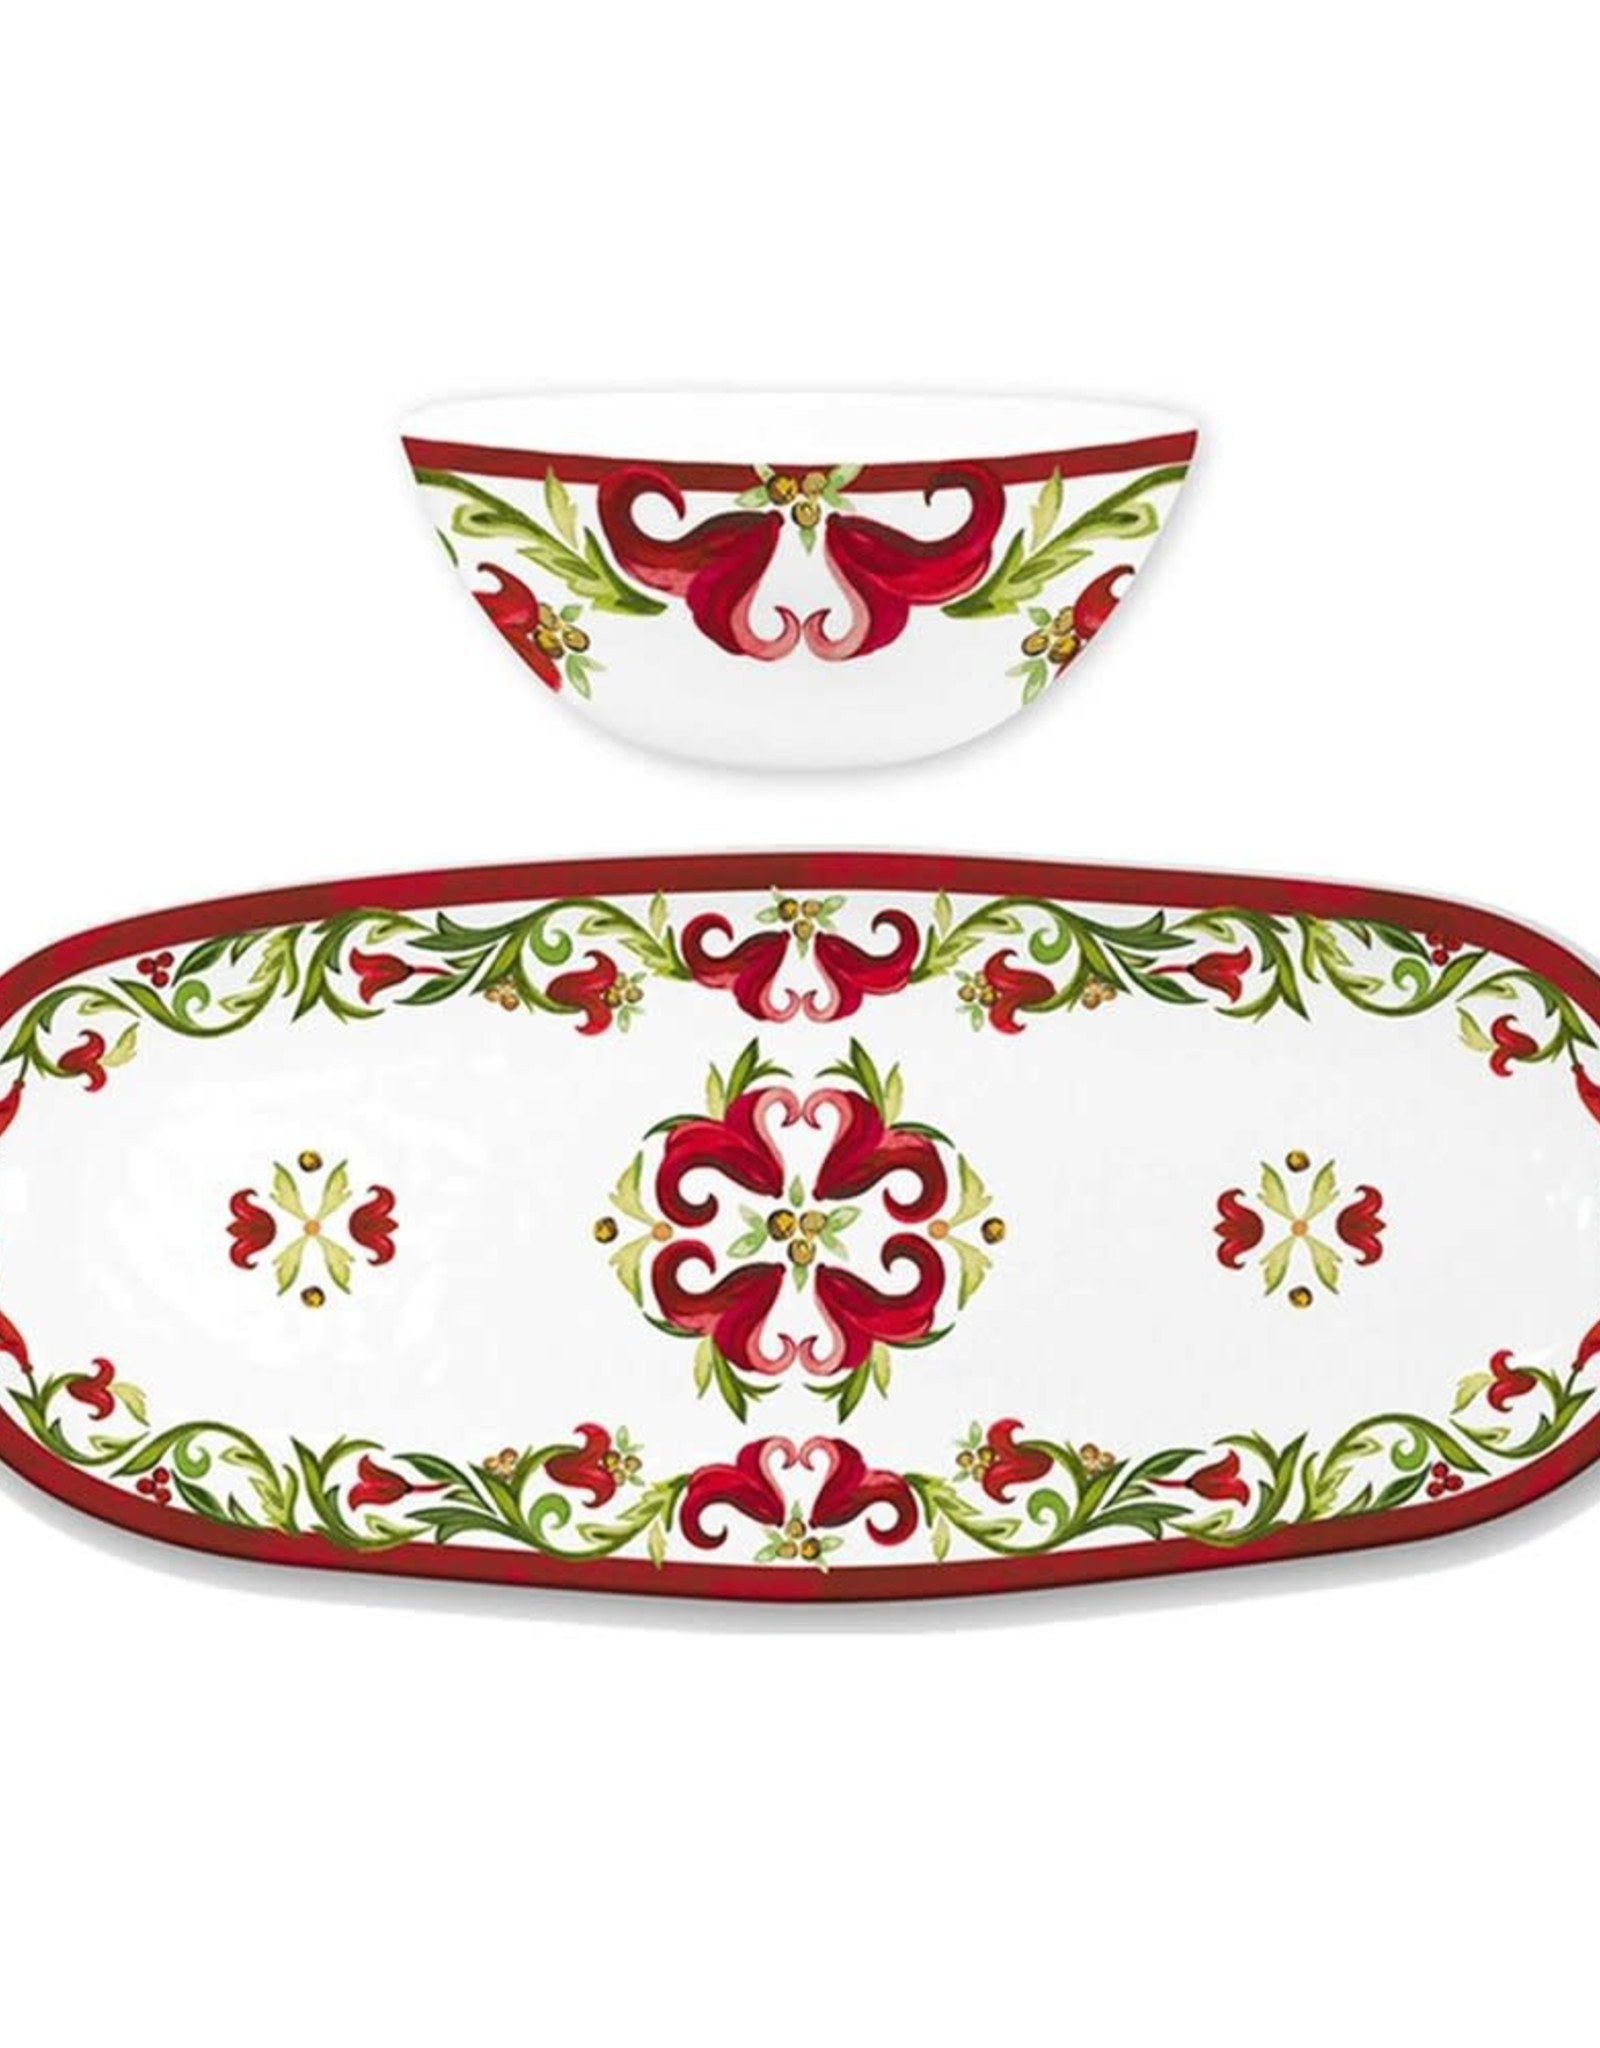 Le Cadeaux Le Cadeux Bowl & Tray Set